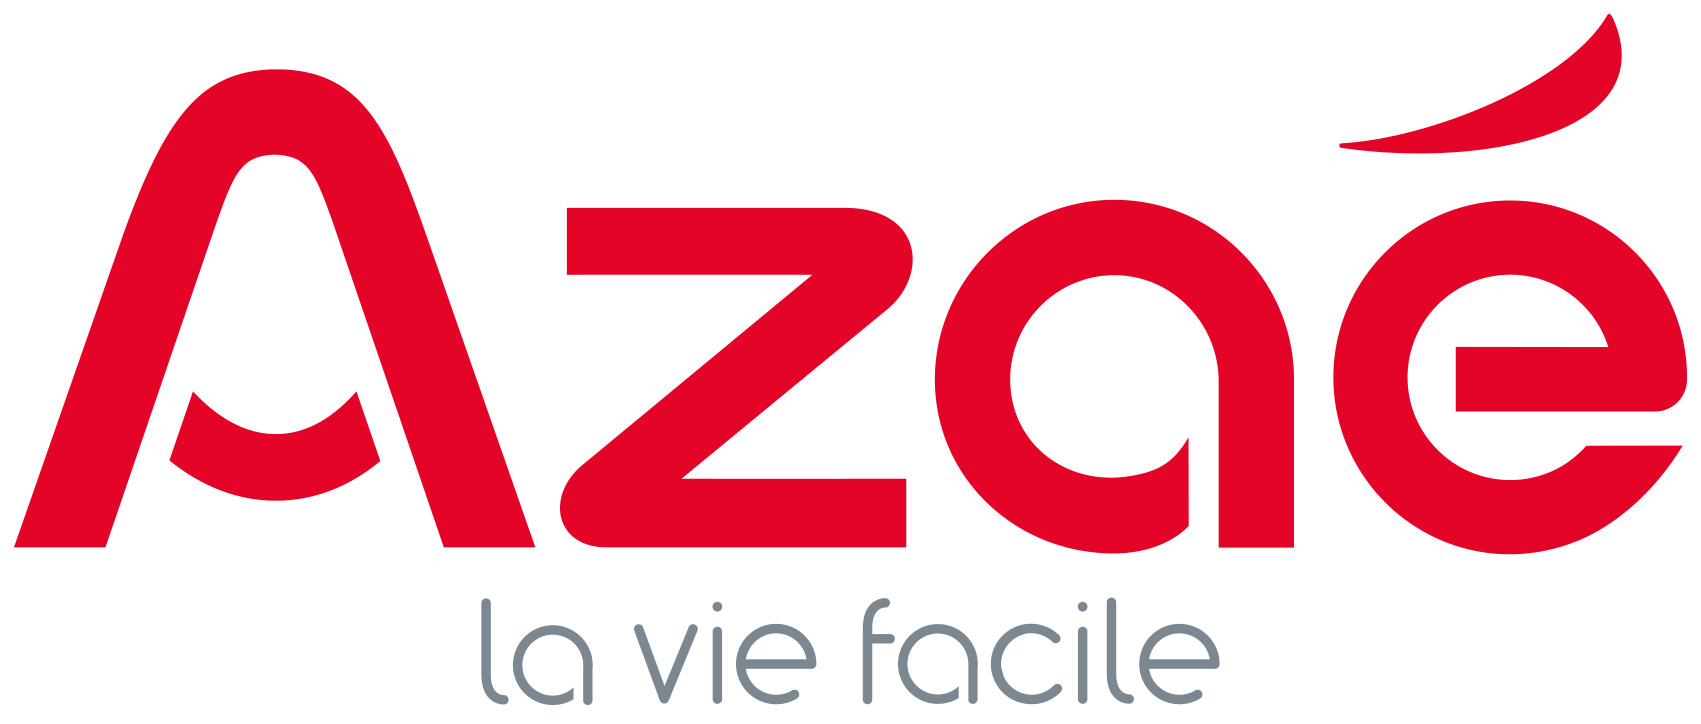 Azaé Bordeaux - Aide à domicile et femme de ménage services, aide à domicile